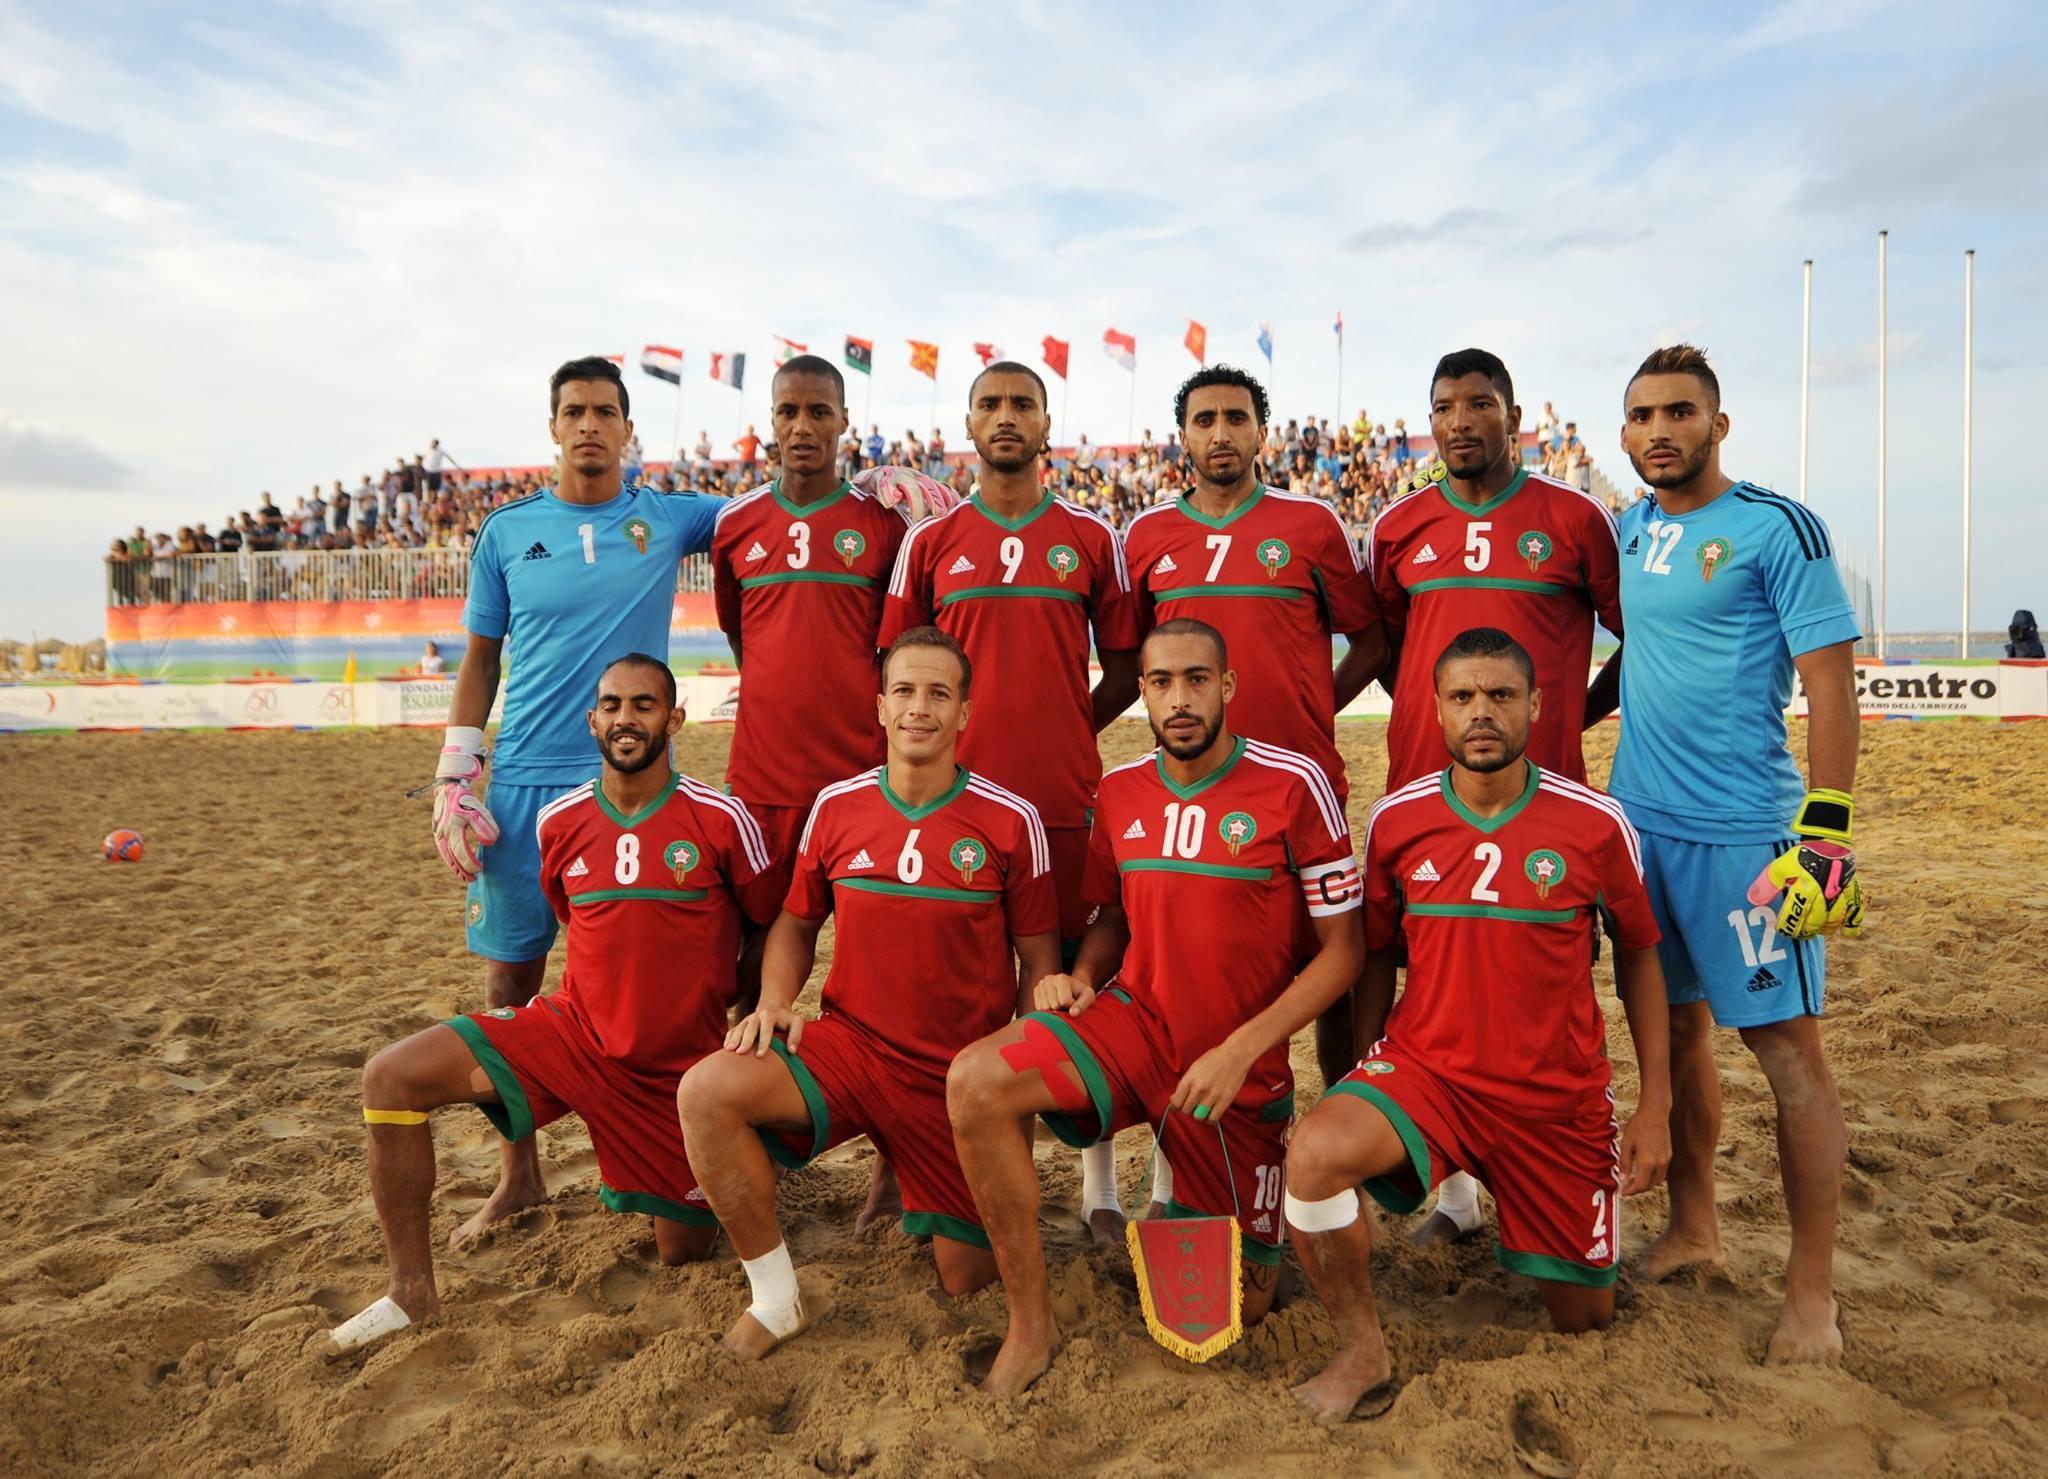 La sélection marocaine de beach soccer, 3e de la dernière CAN de la discipline au Sénégal. Pour favoriser son rayonnement dans la discipline, le Maroc va lancer son championnat national pour la première fois.